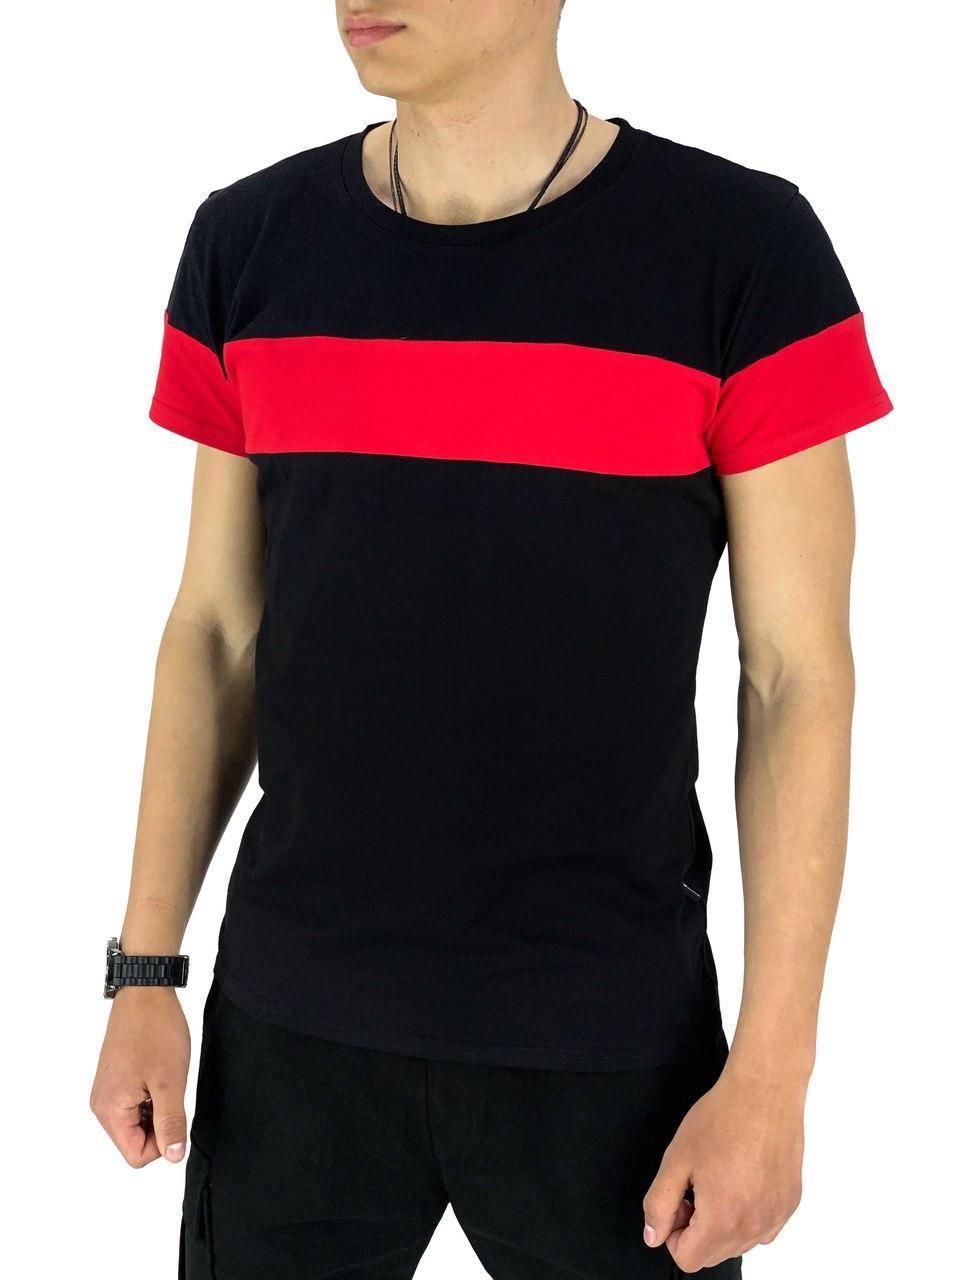 Футболка Intruder Color Stripe М Чорний з червоним (1589369461/ 1)